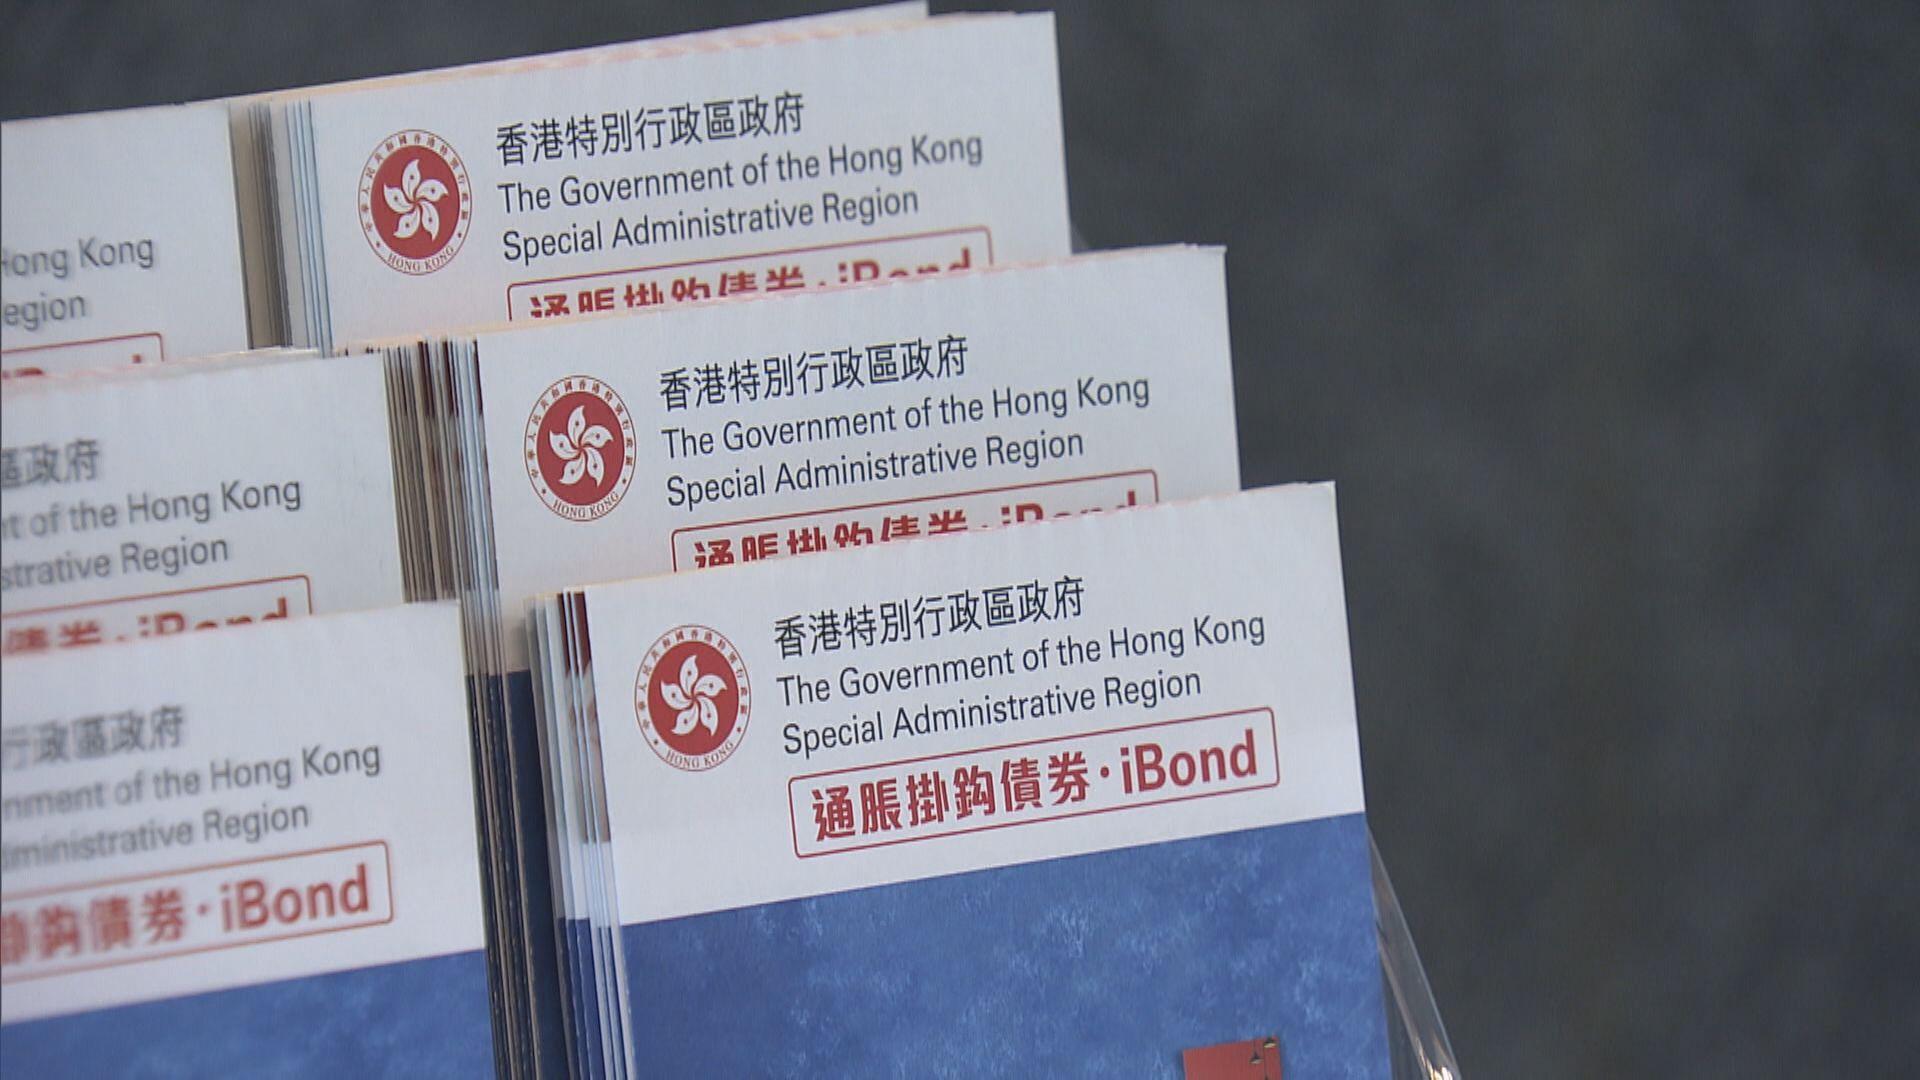 中銀香港指iBond認購熱烈 多年輕人認購